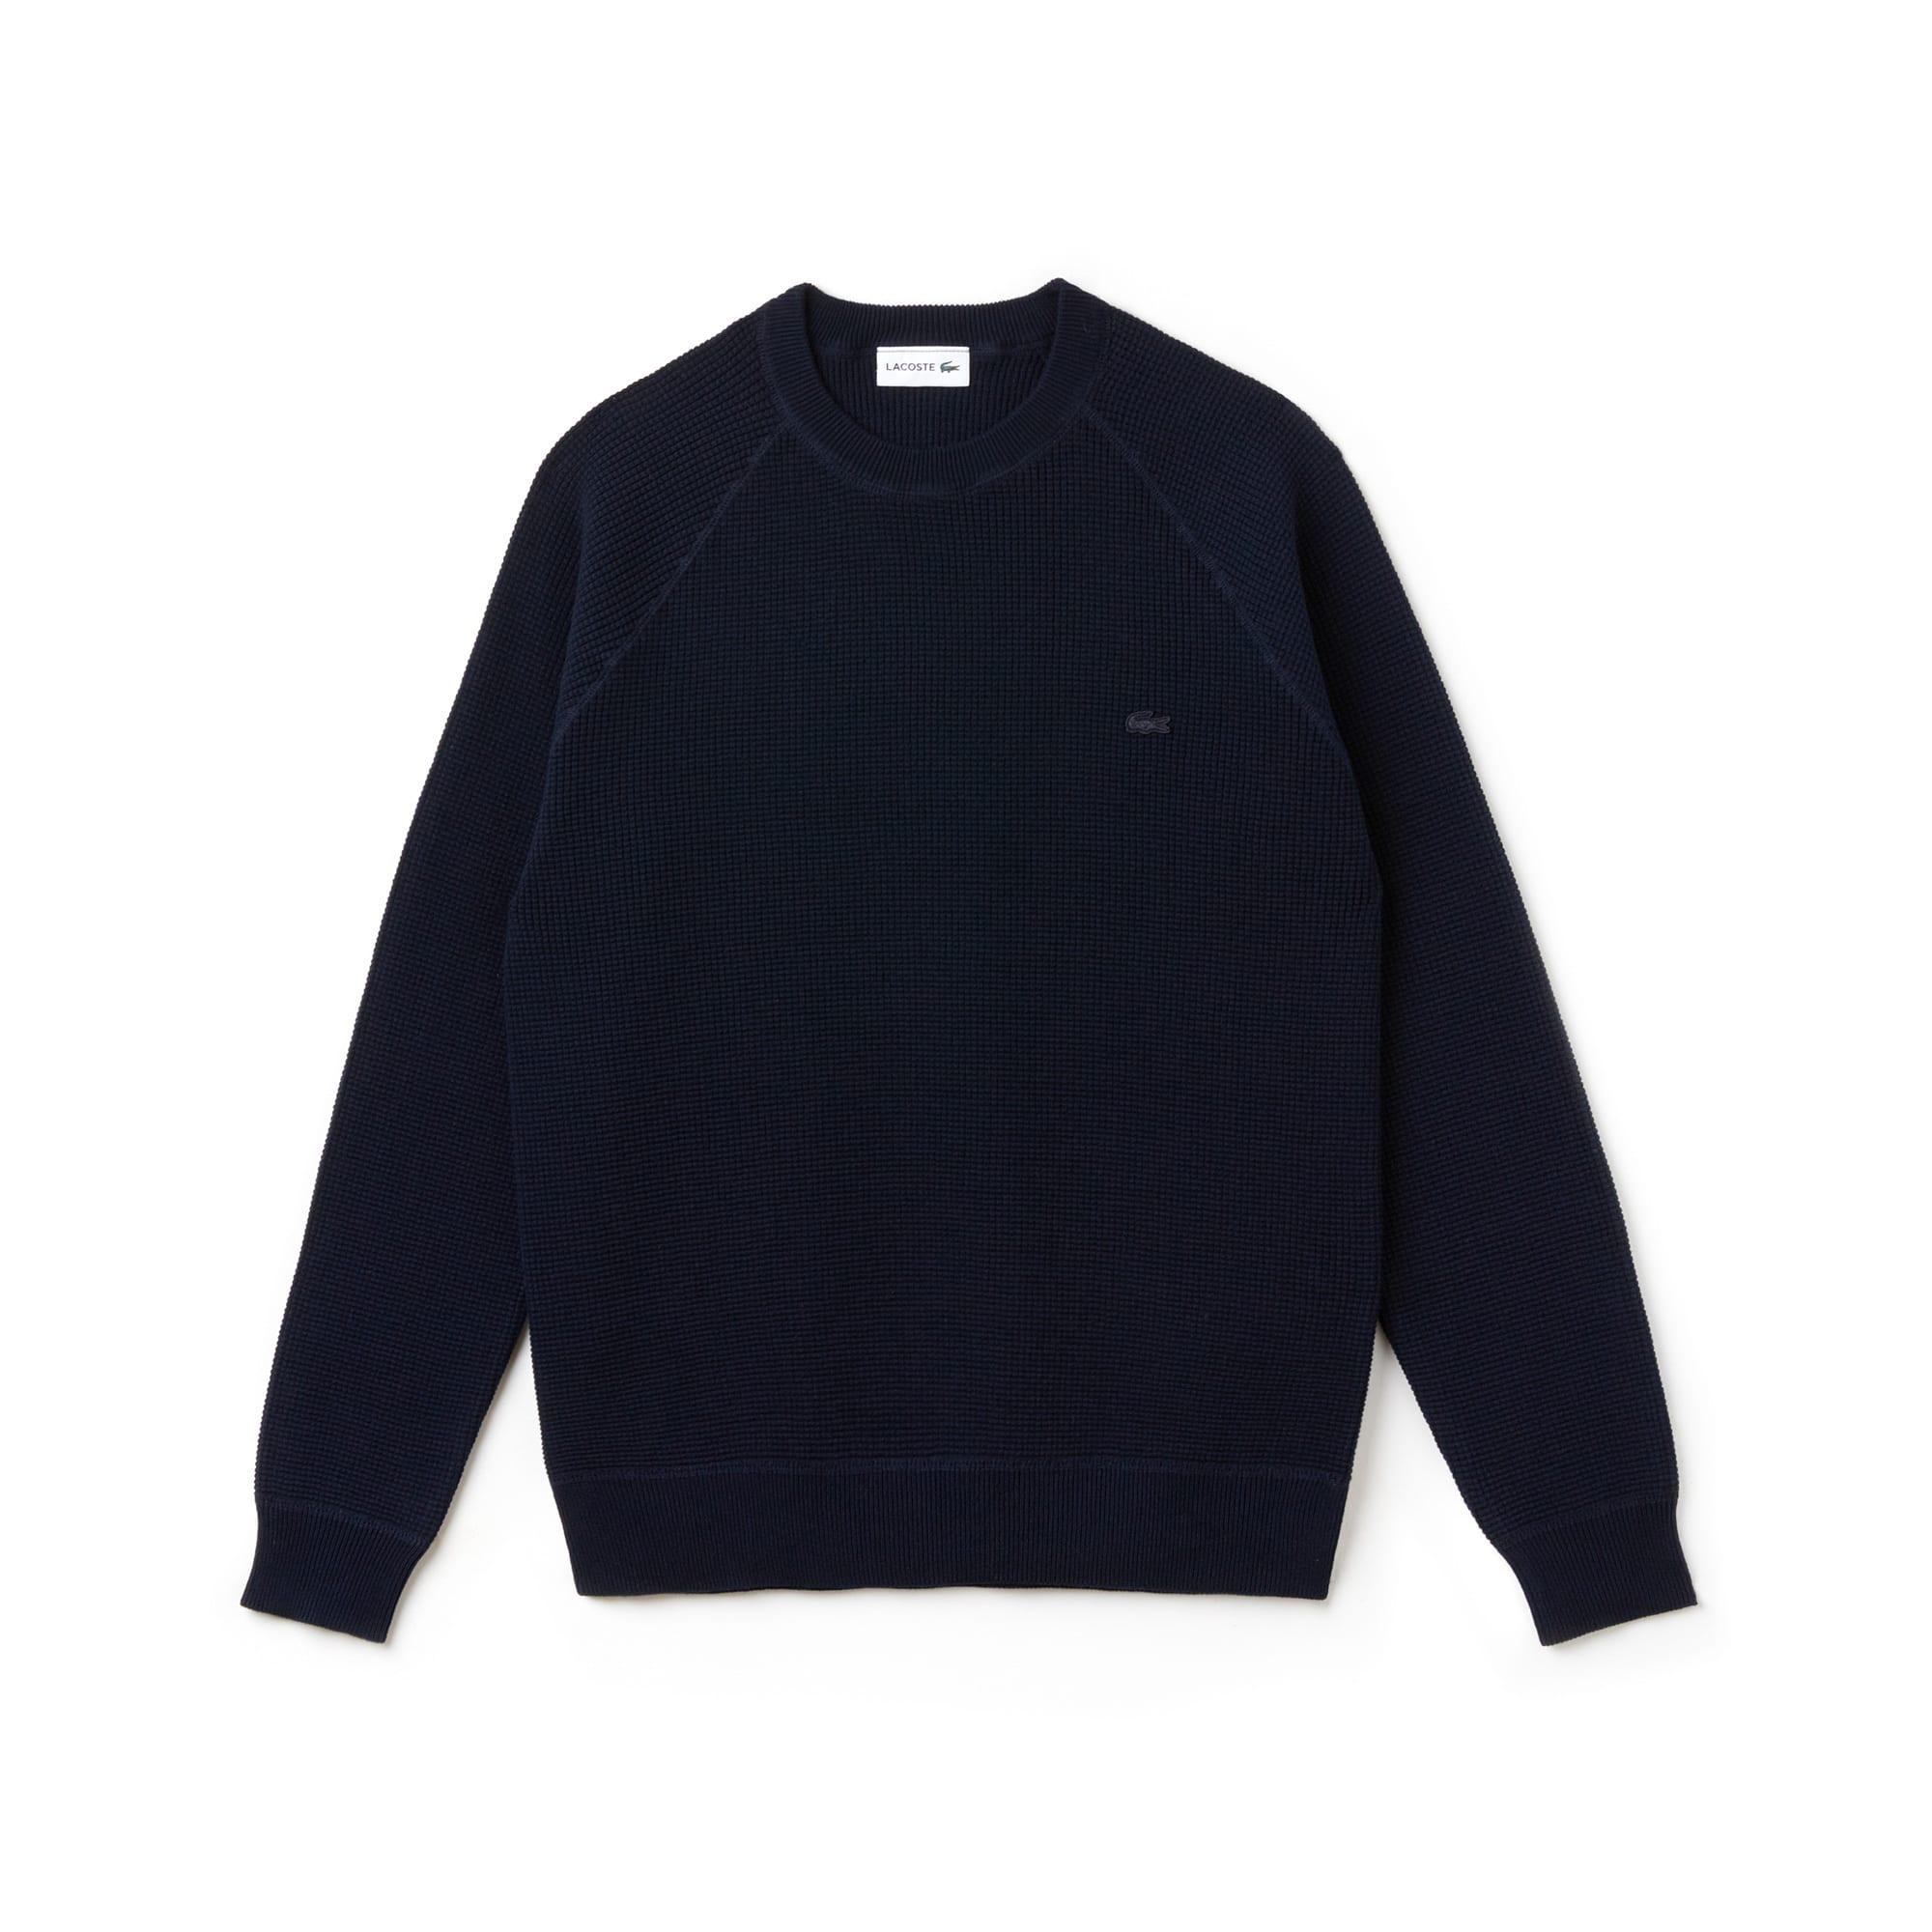 Men's Crew Neck Honeycomb Cotton Crepe Sweater